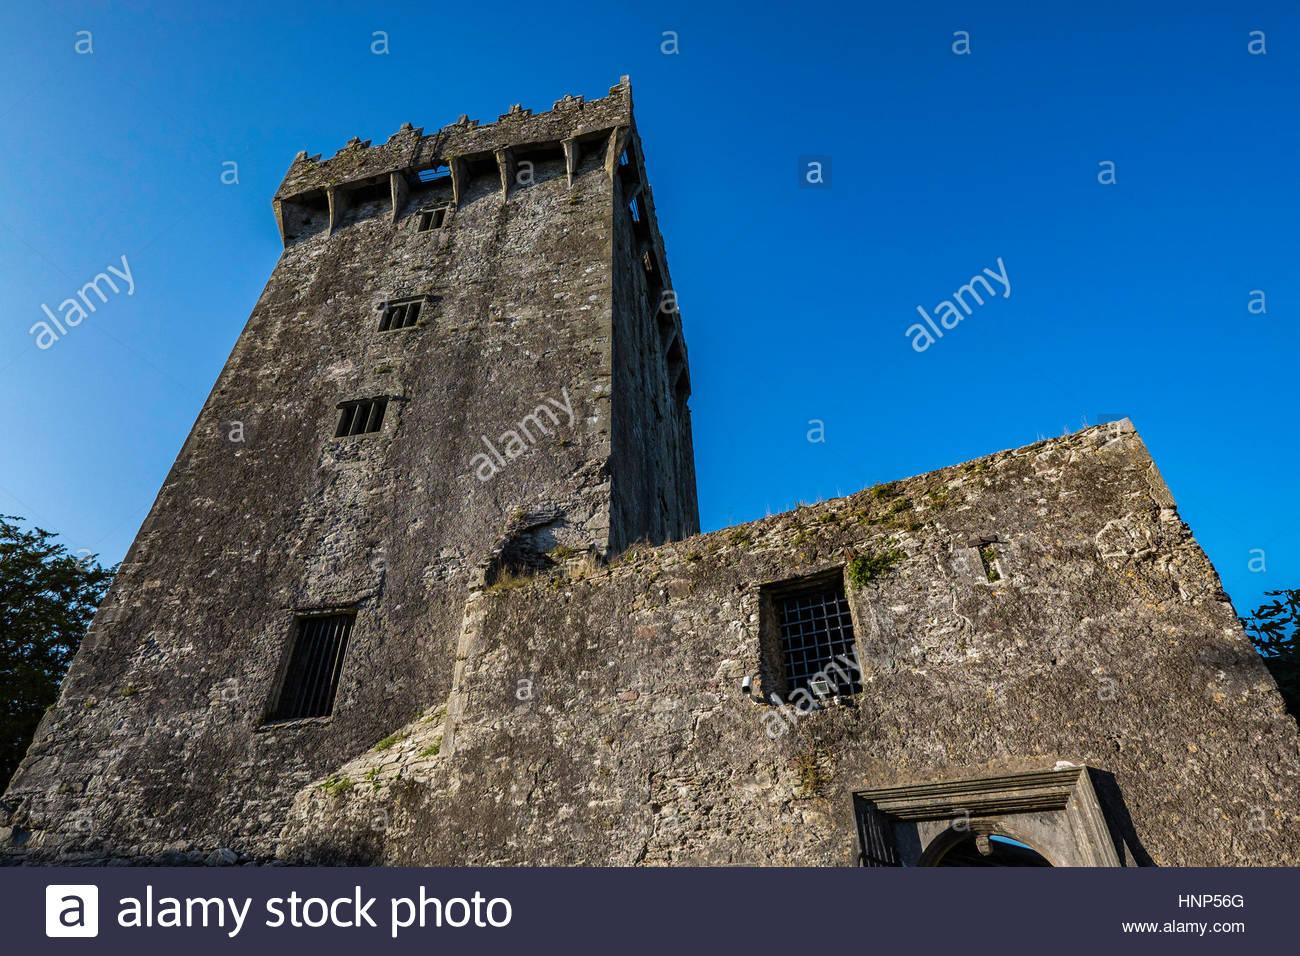 La Piedra de Blarney, un bloque de piedra caliza carbonífera incorporada en las almenas del castillo de Blarney, Imagen De Stock